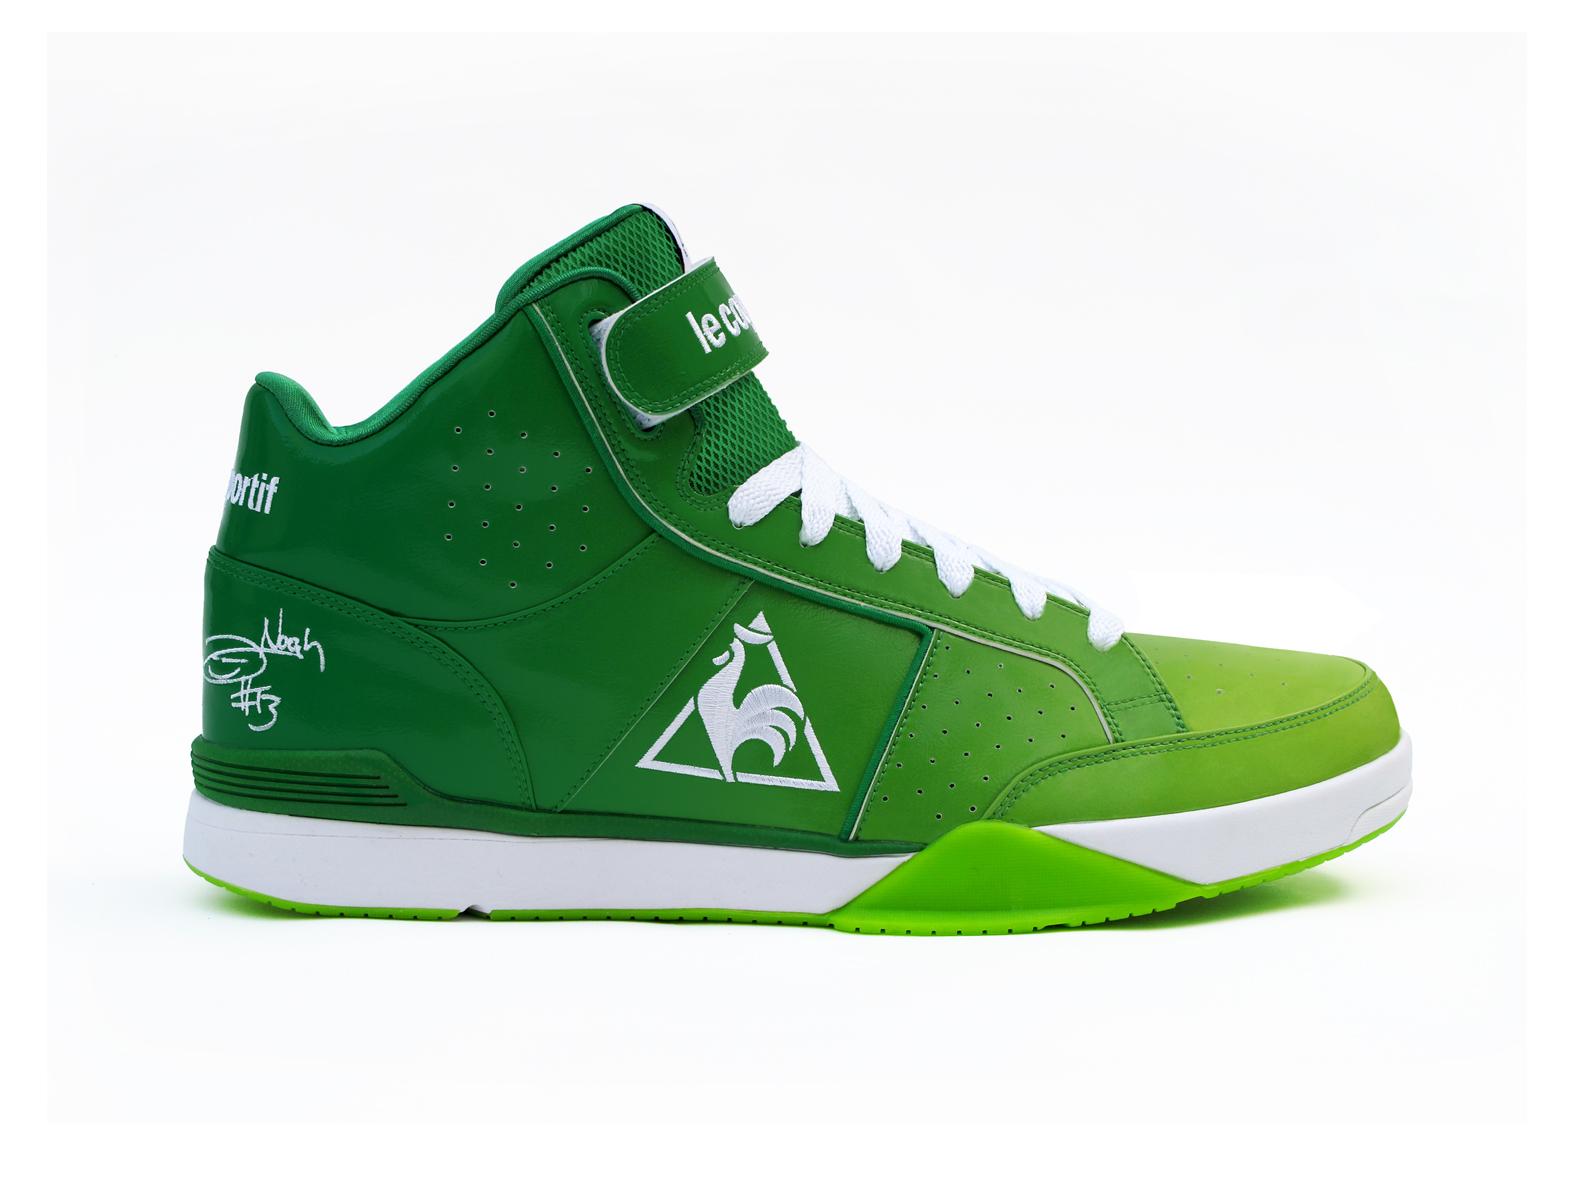 Le Coq Sportif Joakim Noah Shoes For Sale